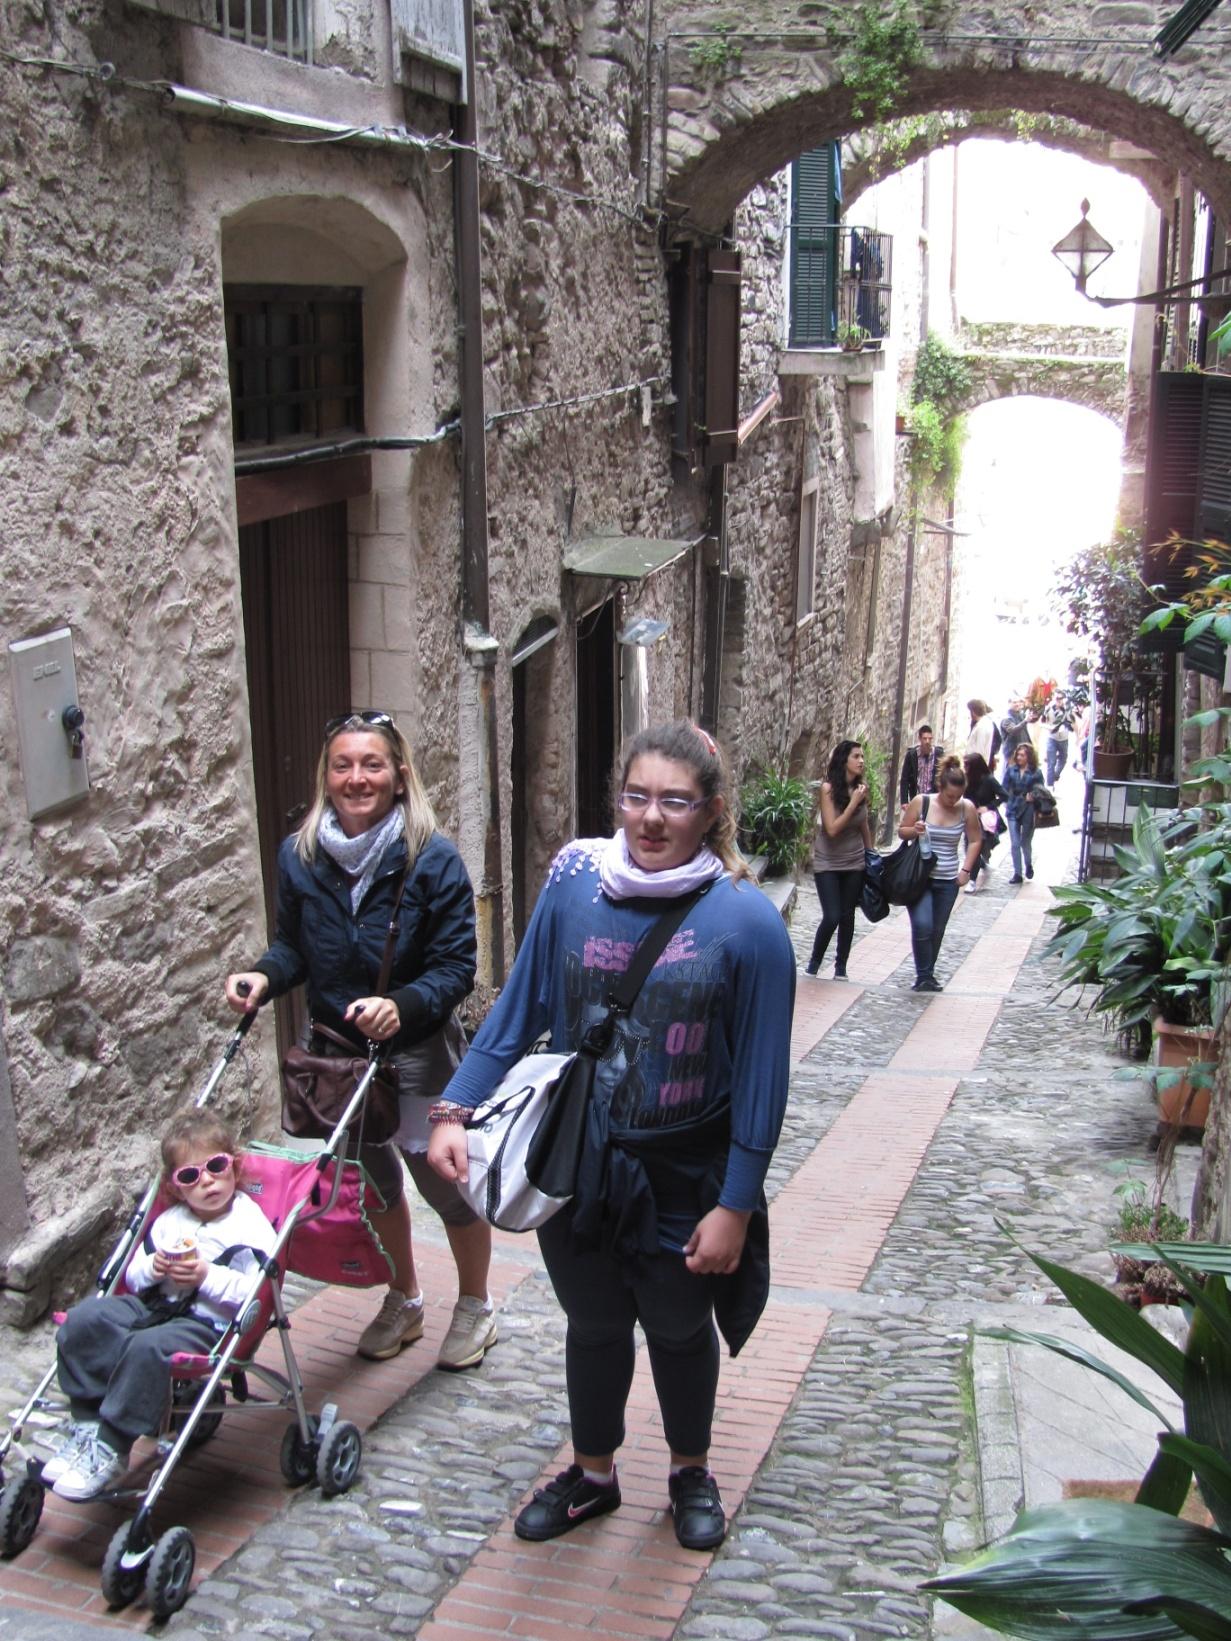 pasquetta_dolceacqua-2011-04-25-11-19-18